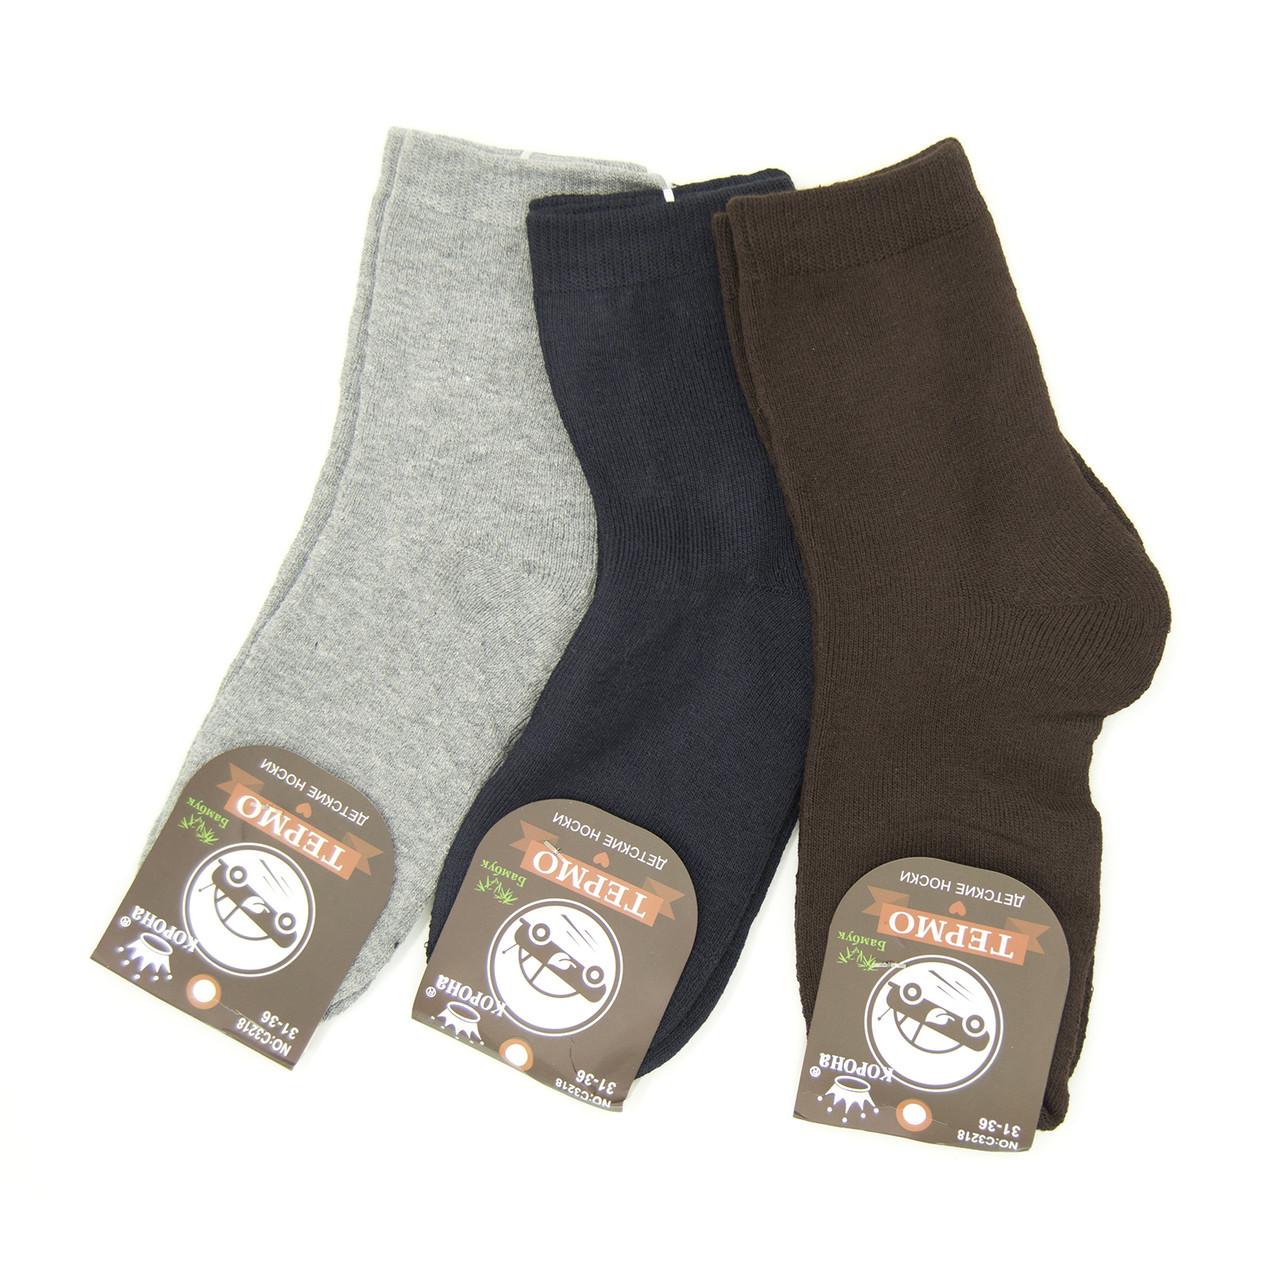 Комплект носков для мальчика, 31-36 размер